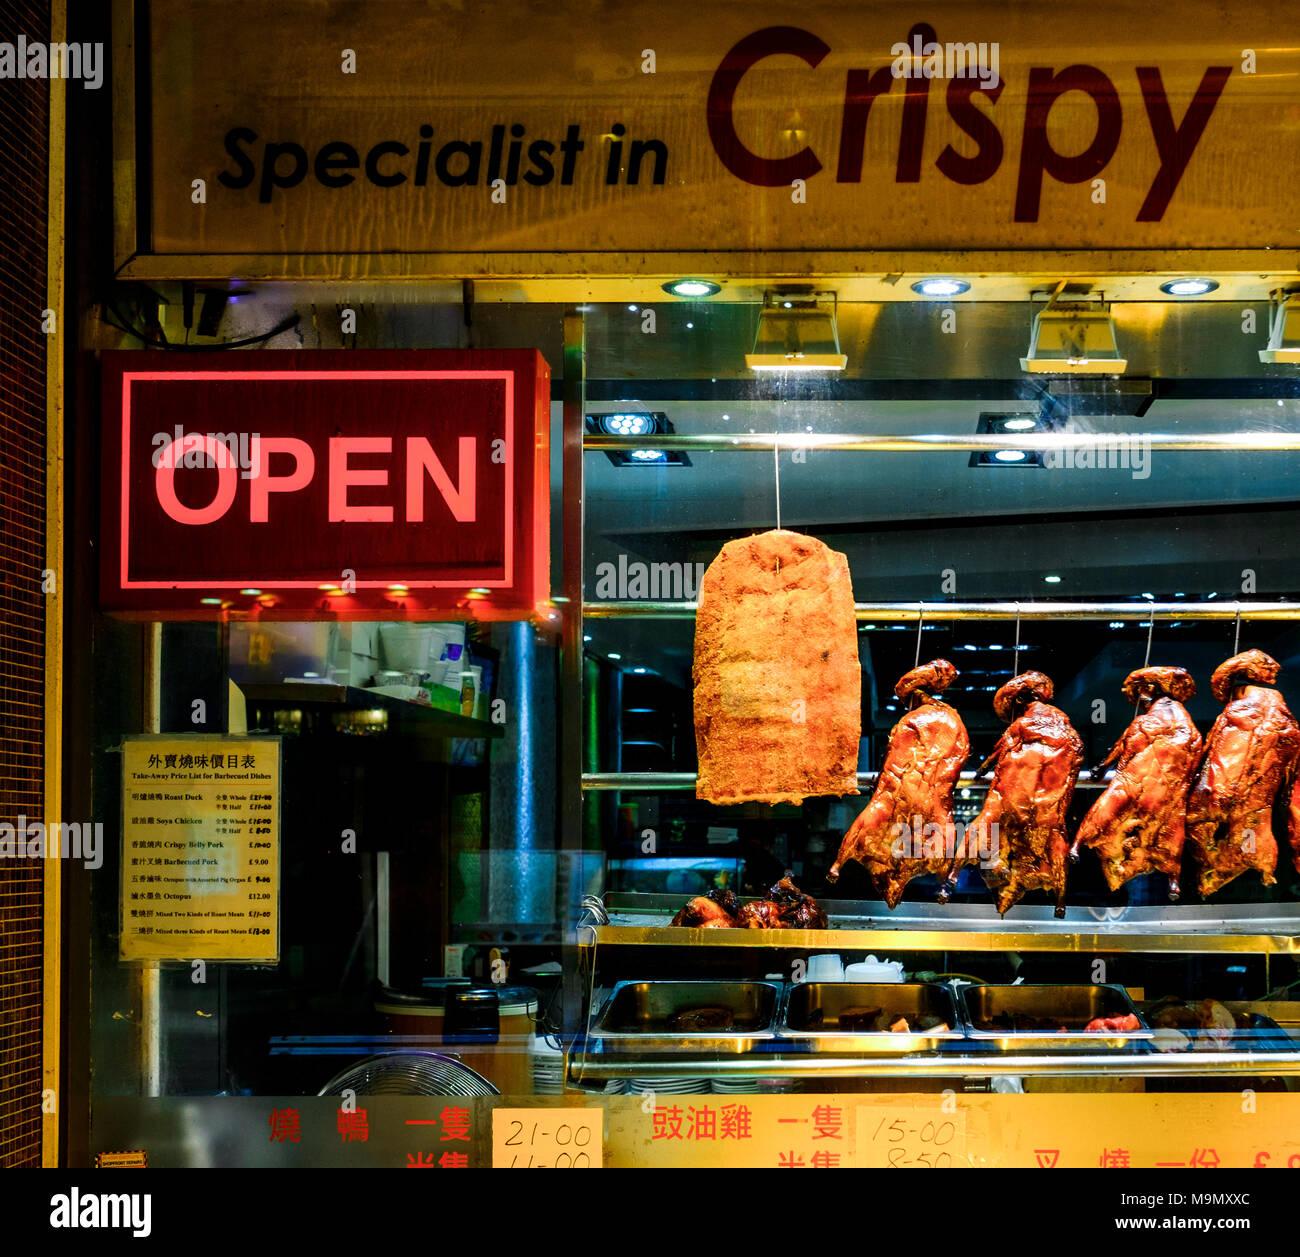 [Jeu] Suite d'images !  Vitrine-dun-restaurant-dans-le-quartier-chinois-paris-france-m9mxxc